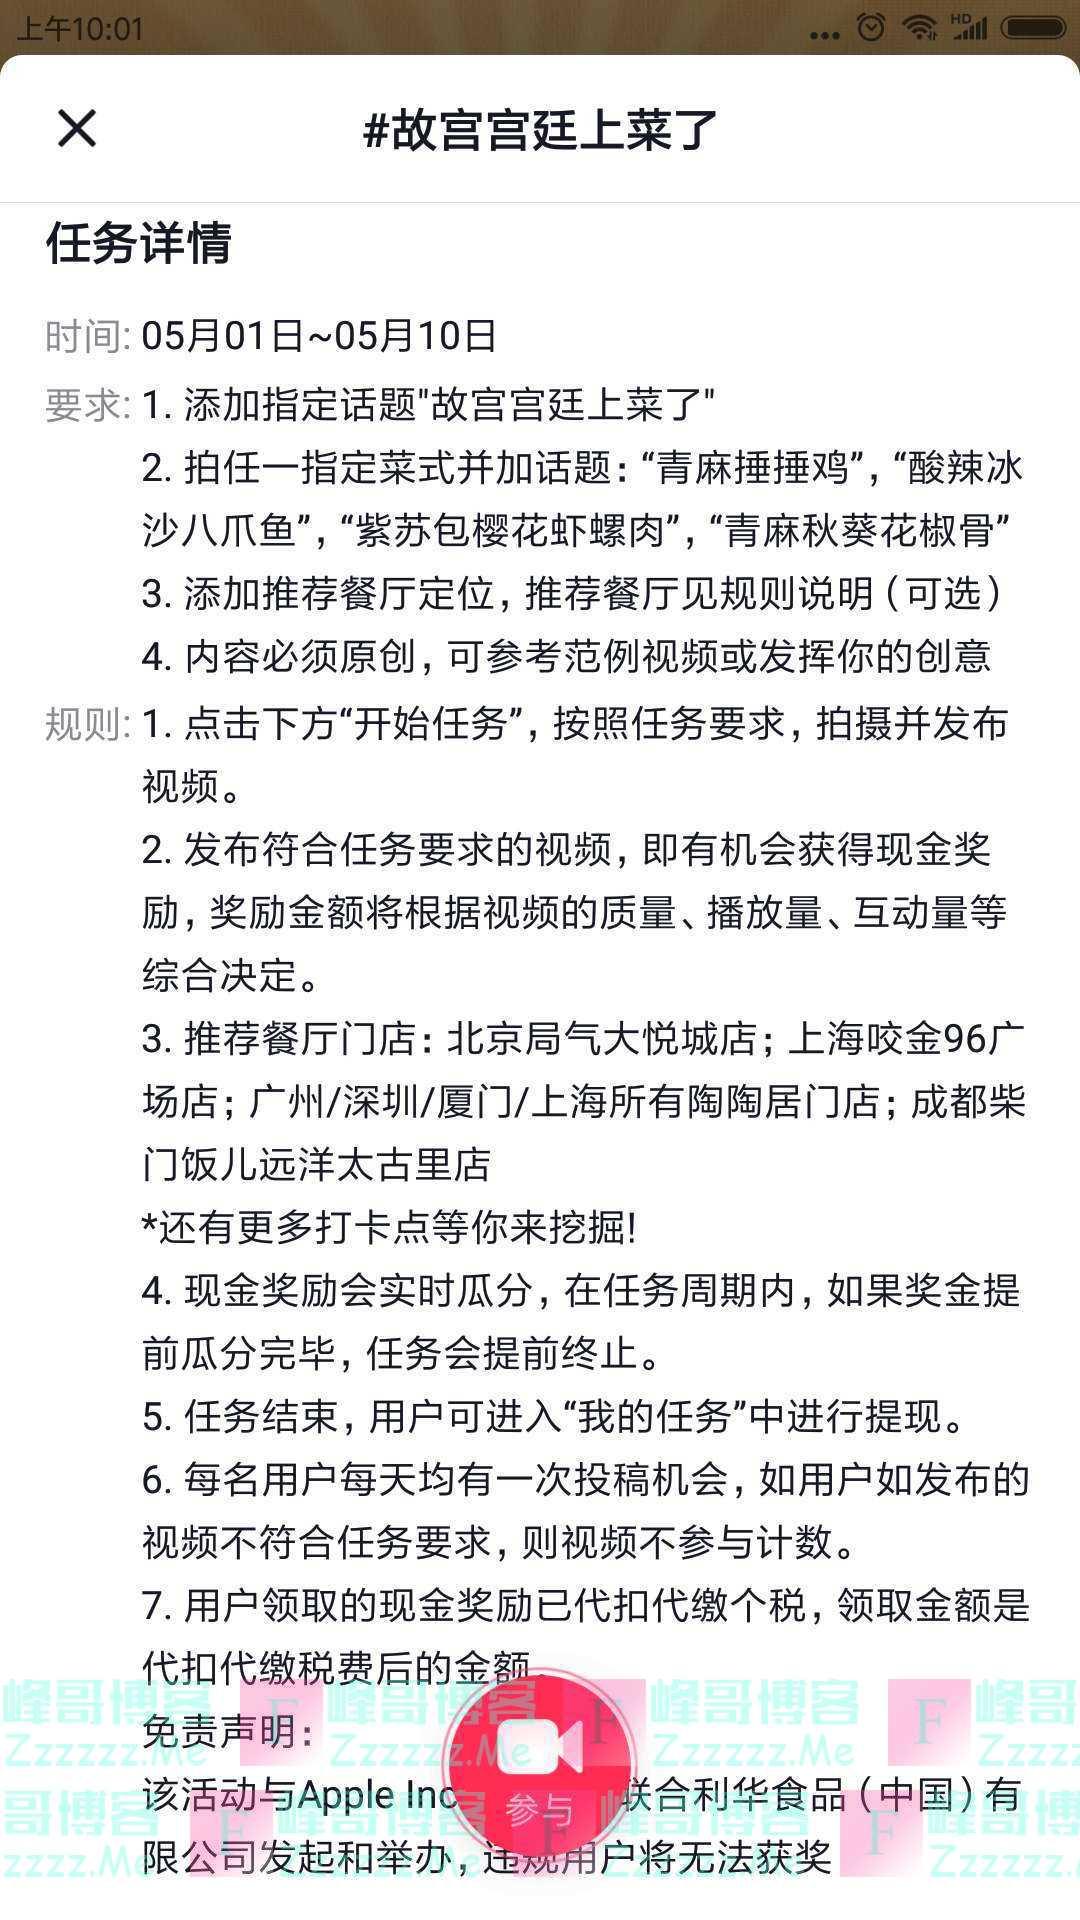 联合利华饮食策划故宫宫廷上菜了(截止5月10日)